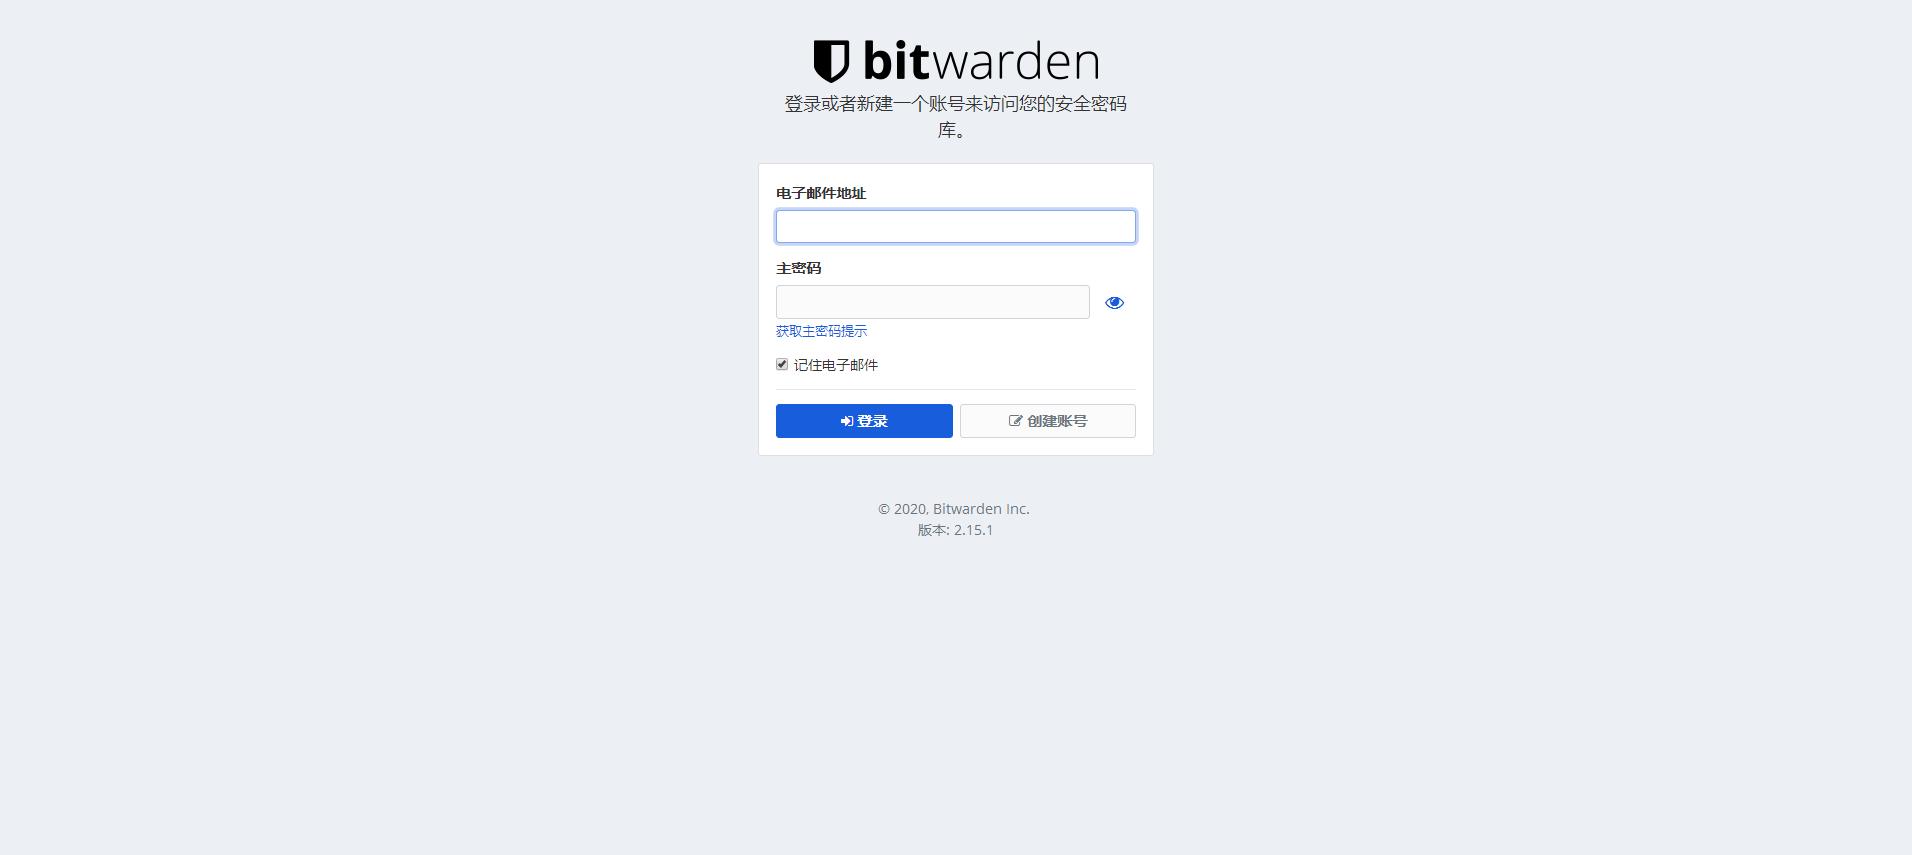 装了个Bitwarden,怎么关闭注册和备份密码库啊!-图1